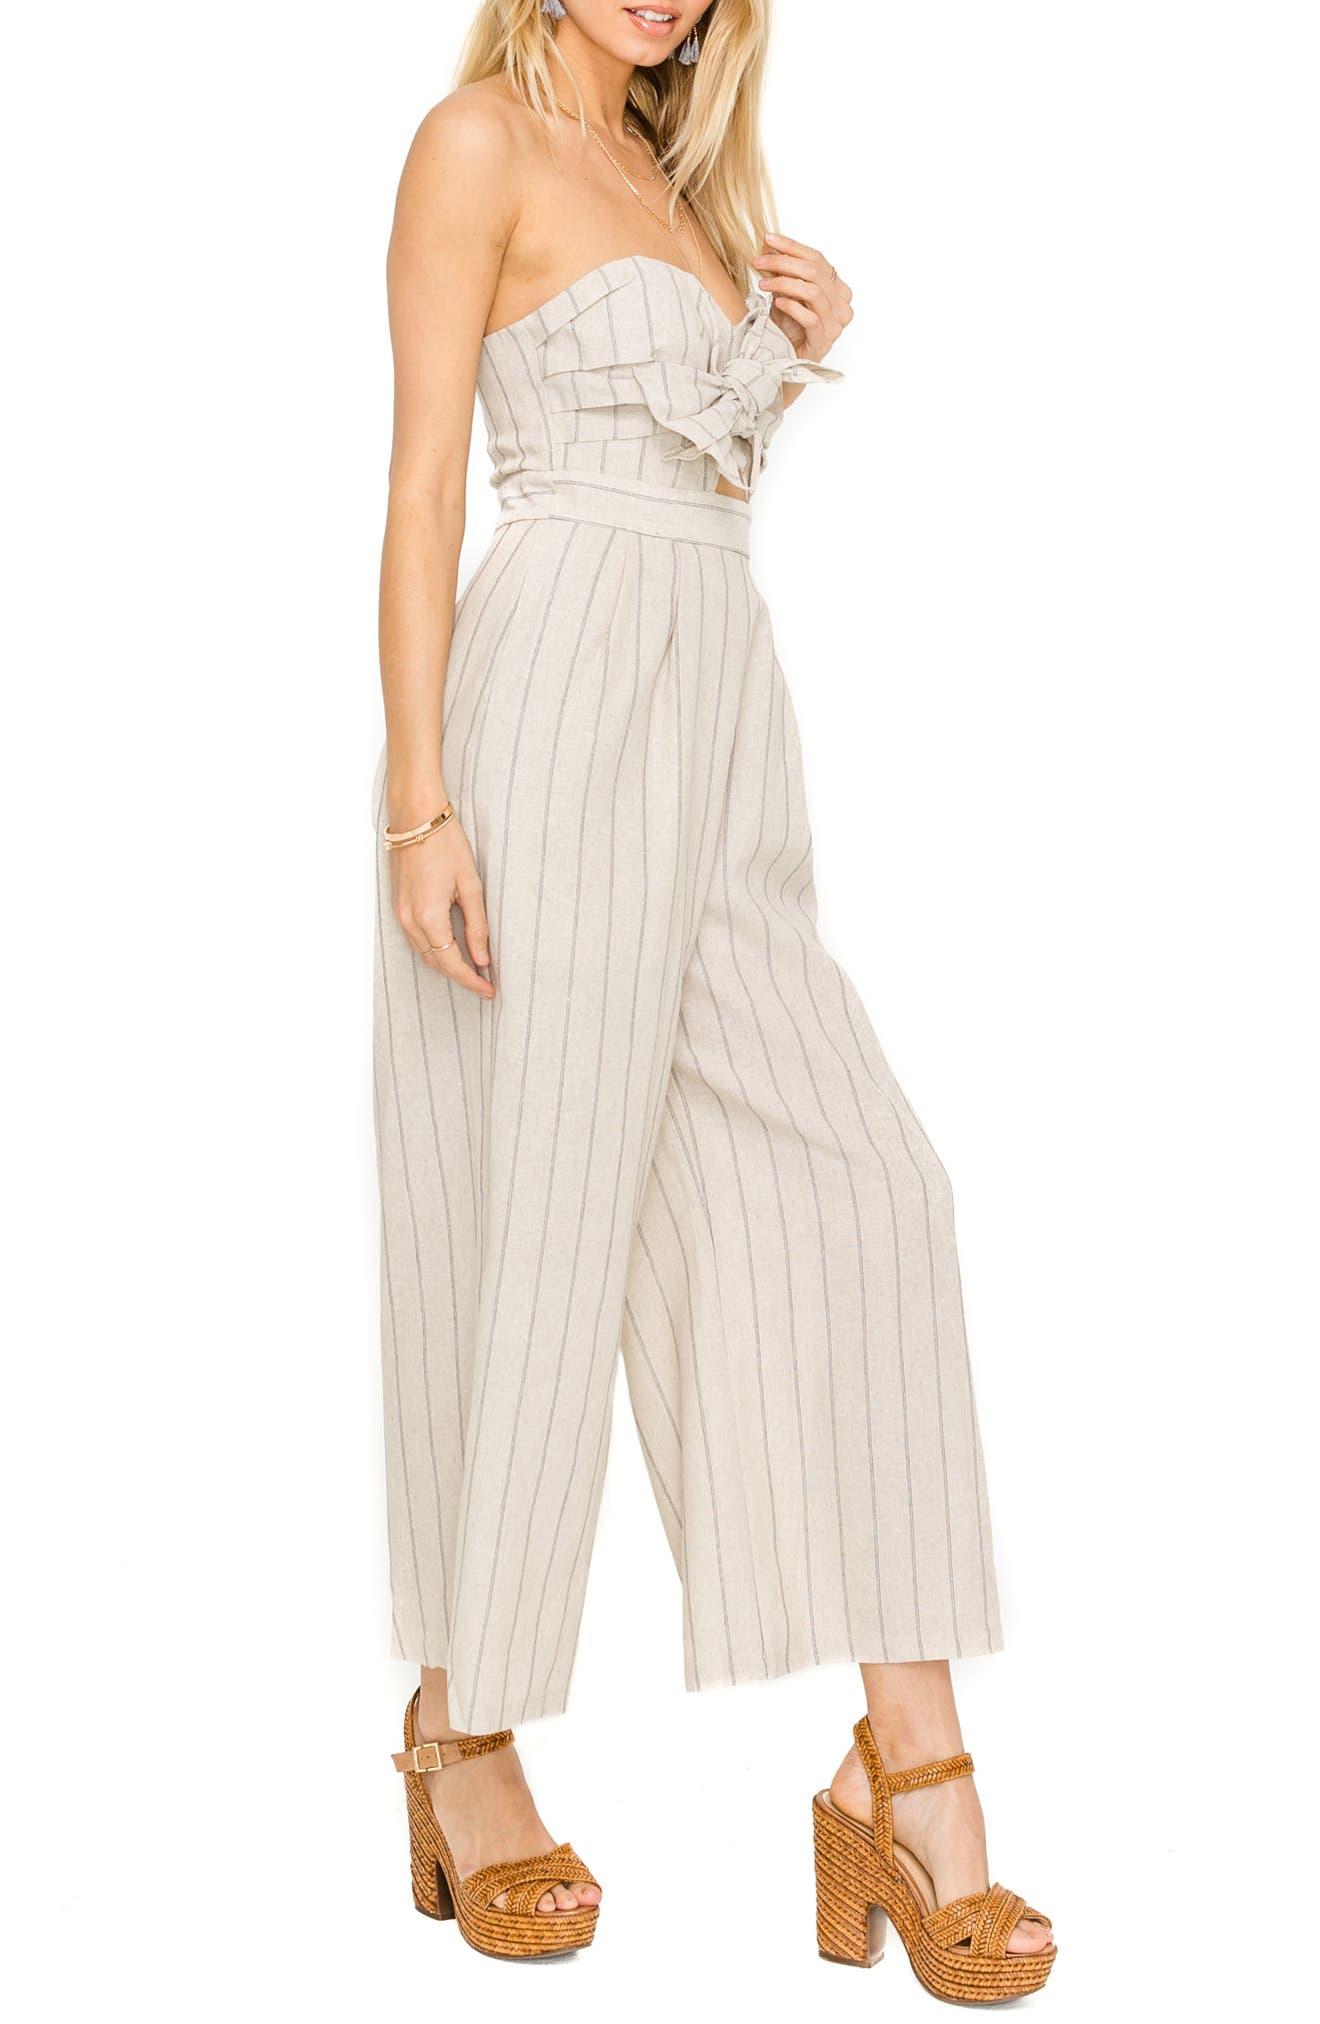 ASTR THE LABEL, Mara Strapless Cotton & Linen Jumpsuit, Alternate thumbnail 3, color, NATURAL/ BLACK STRIPE